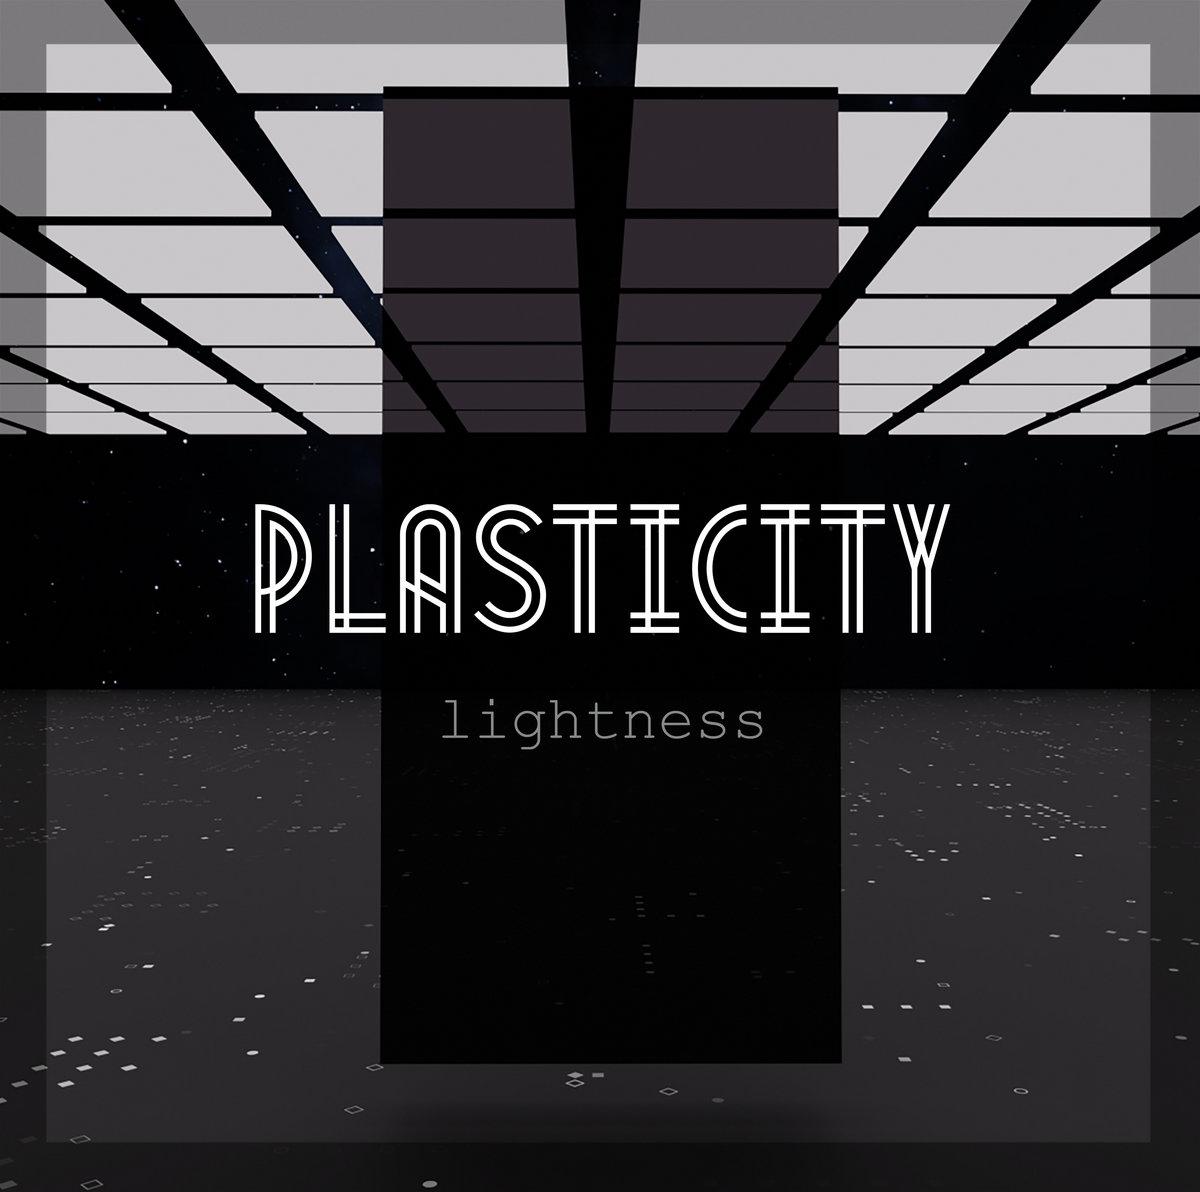 Lightness by Plasticity